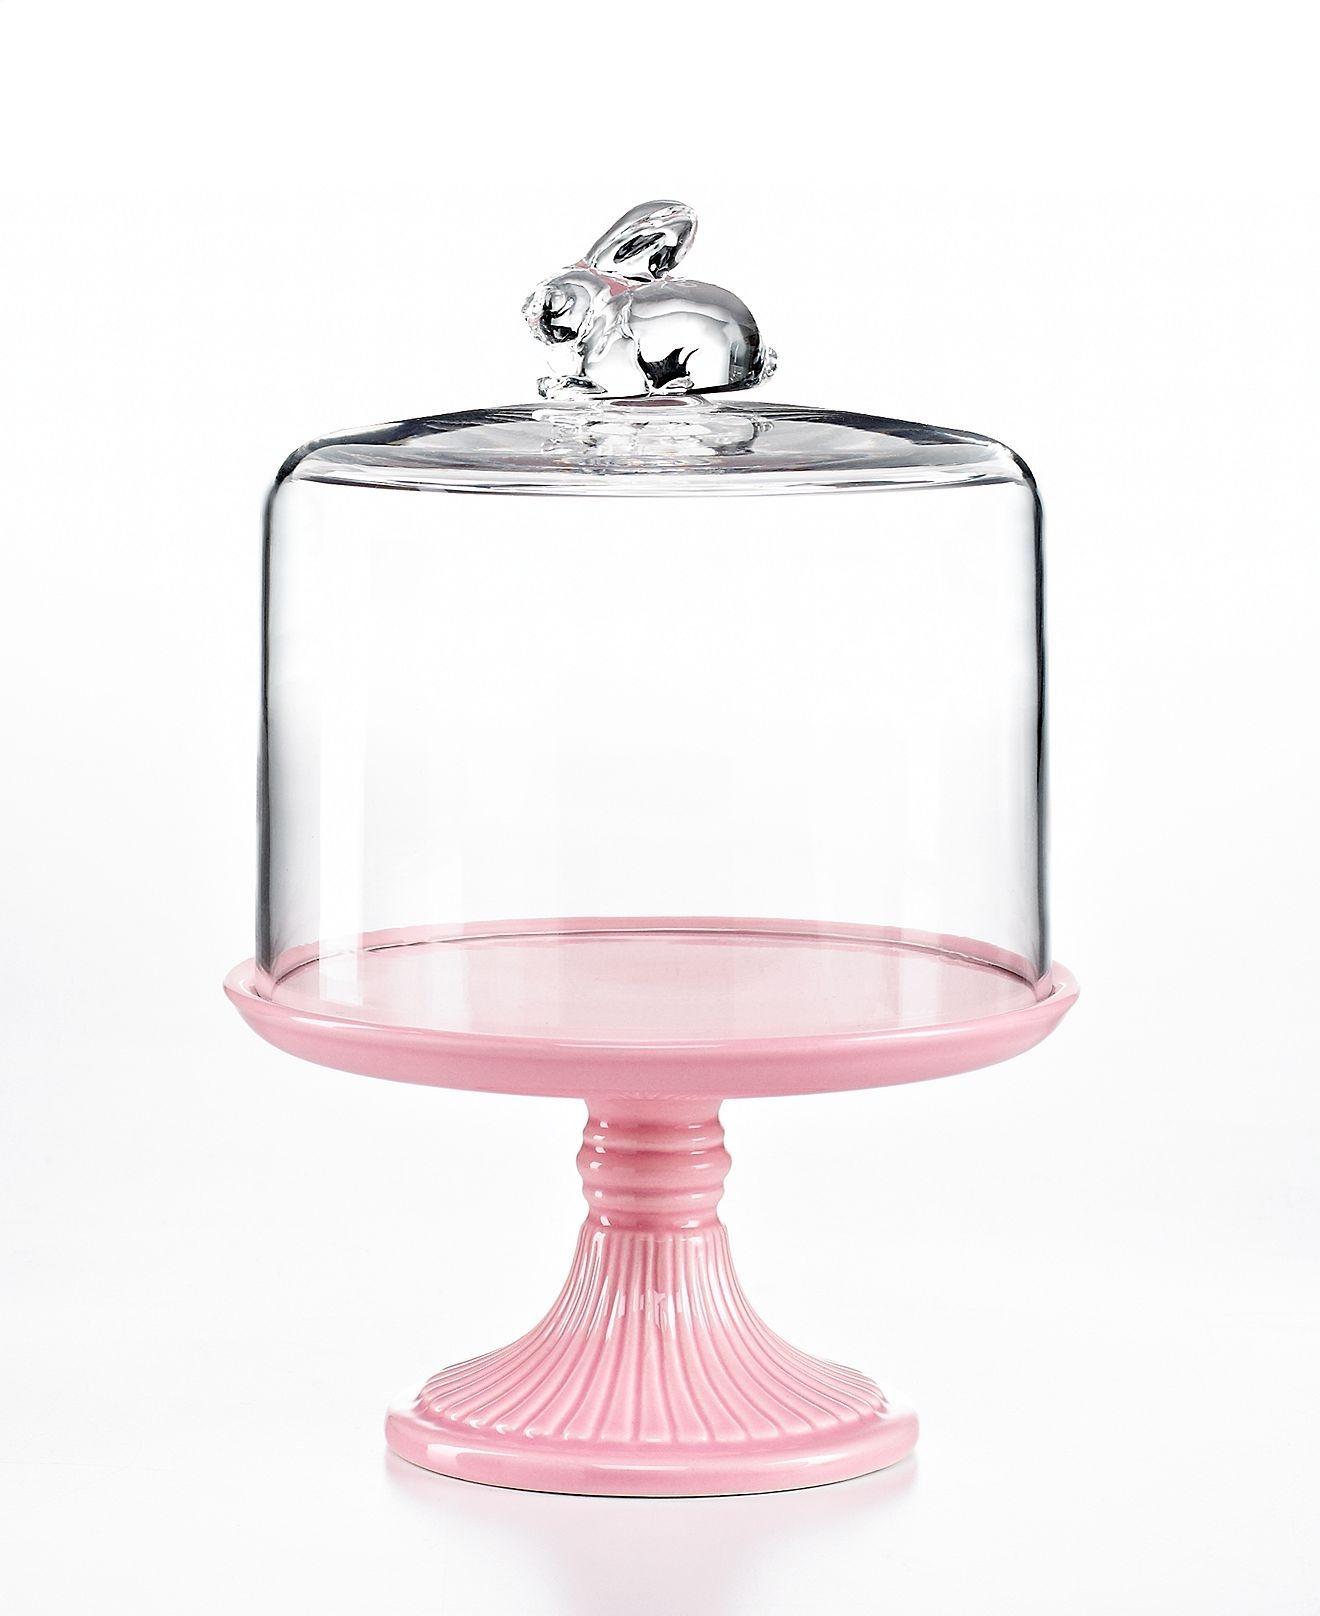 Pink depression cake plate  sc 1 st  Foter & Pedestal Cake Plates - Foter